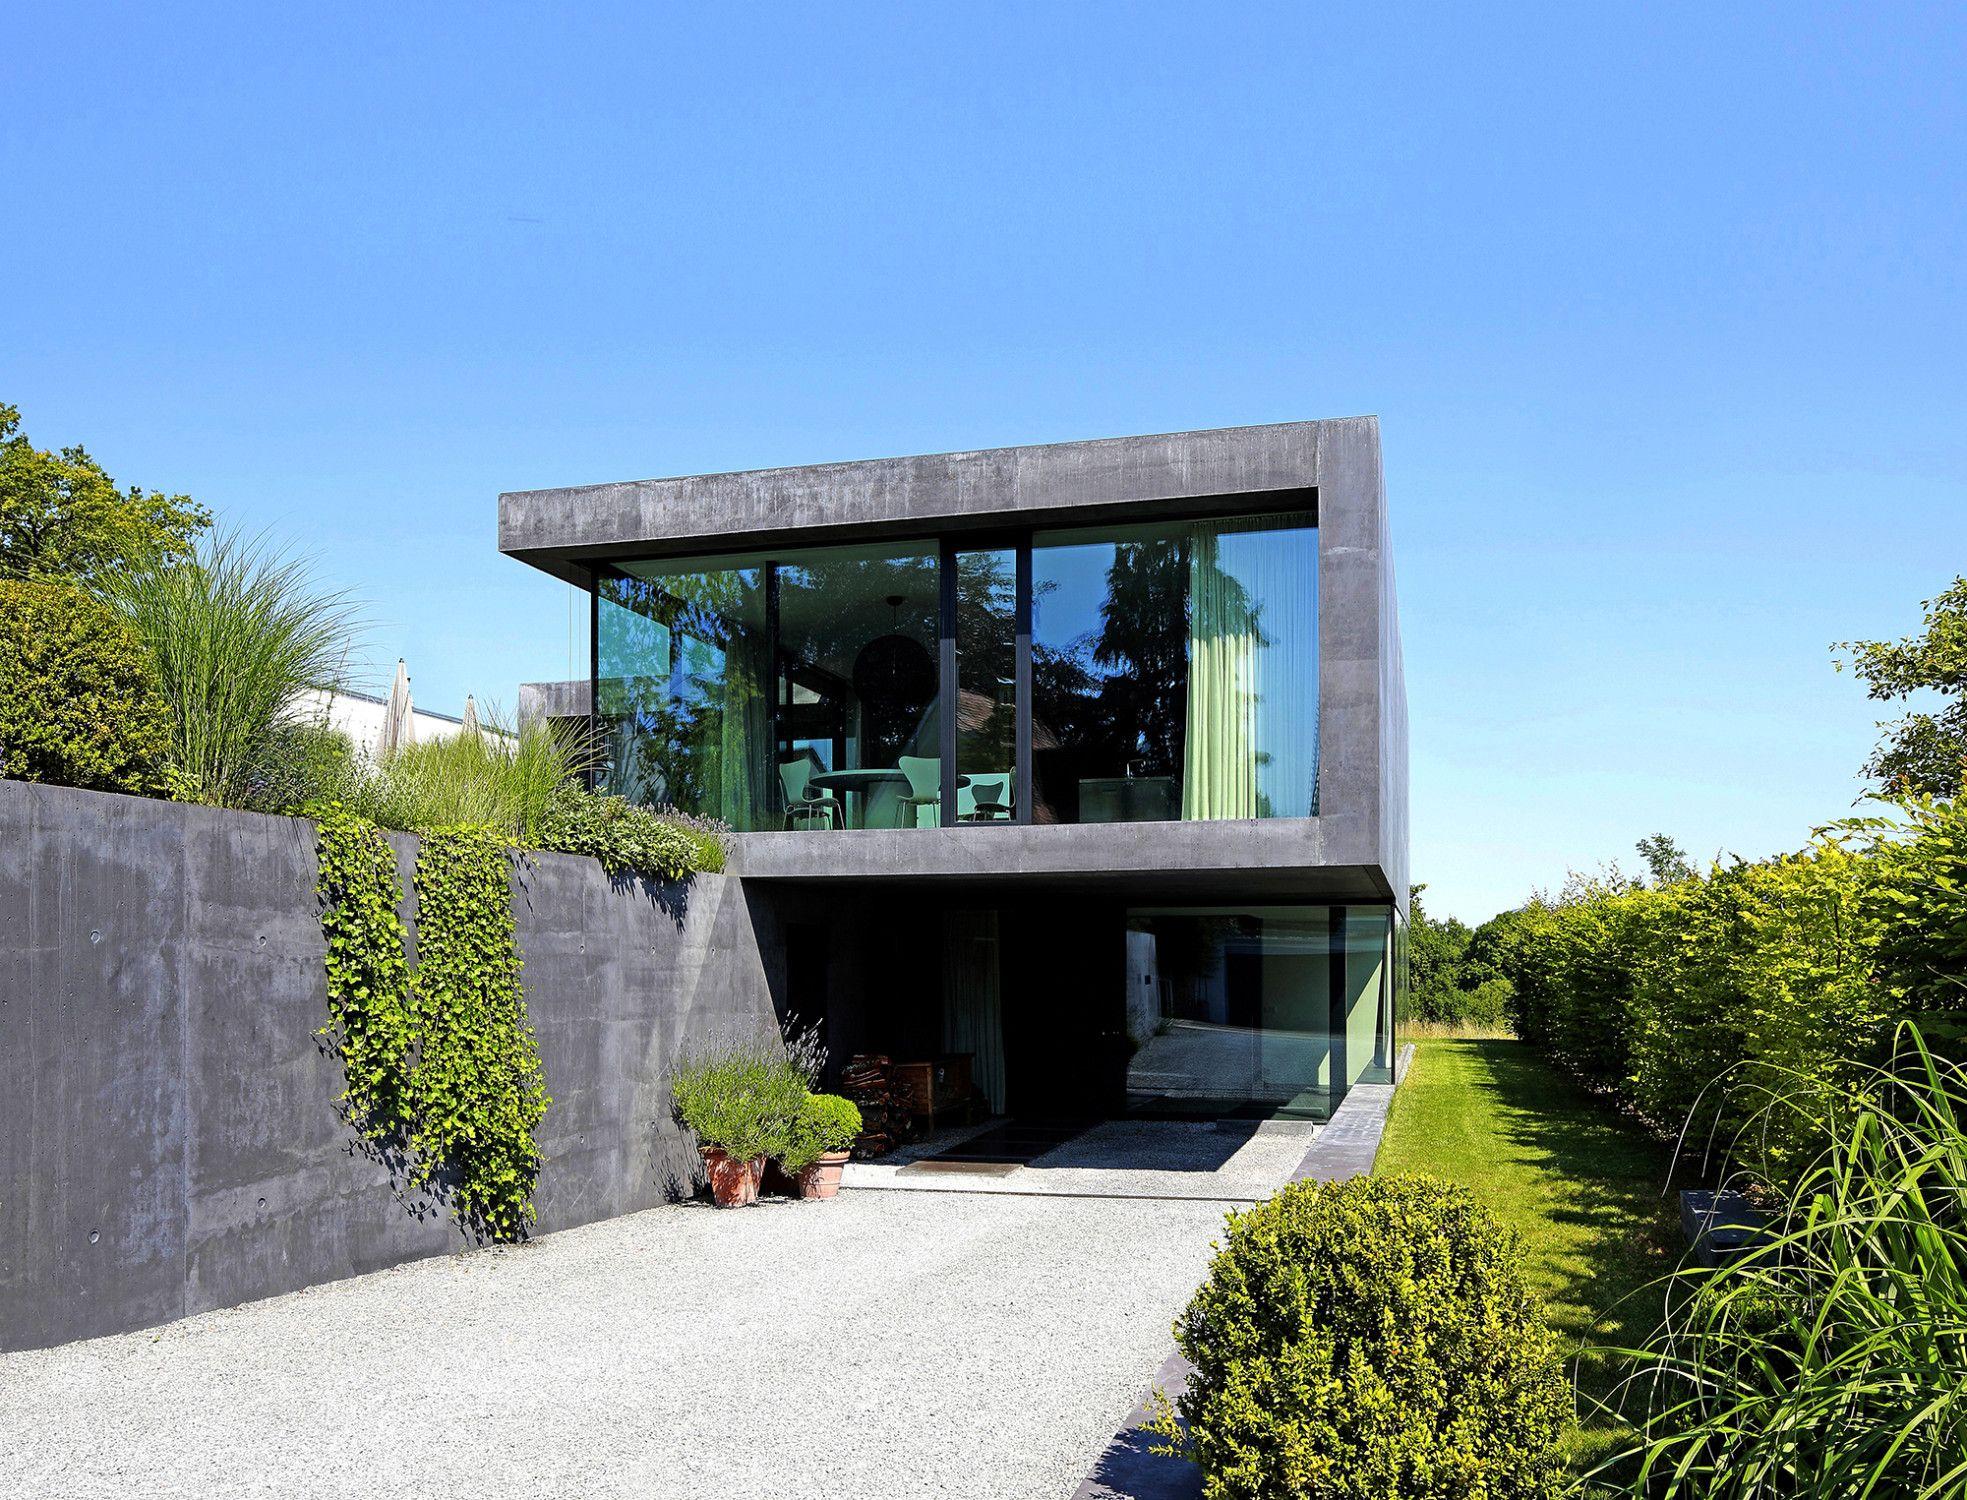 Haus d in ludwigsburg beton wohnen efh baunetzwissen for Modernes ferienhaus bauen